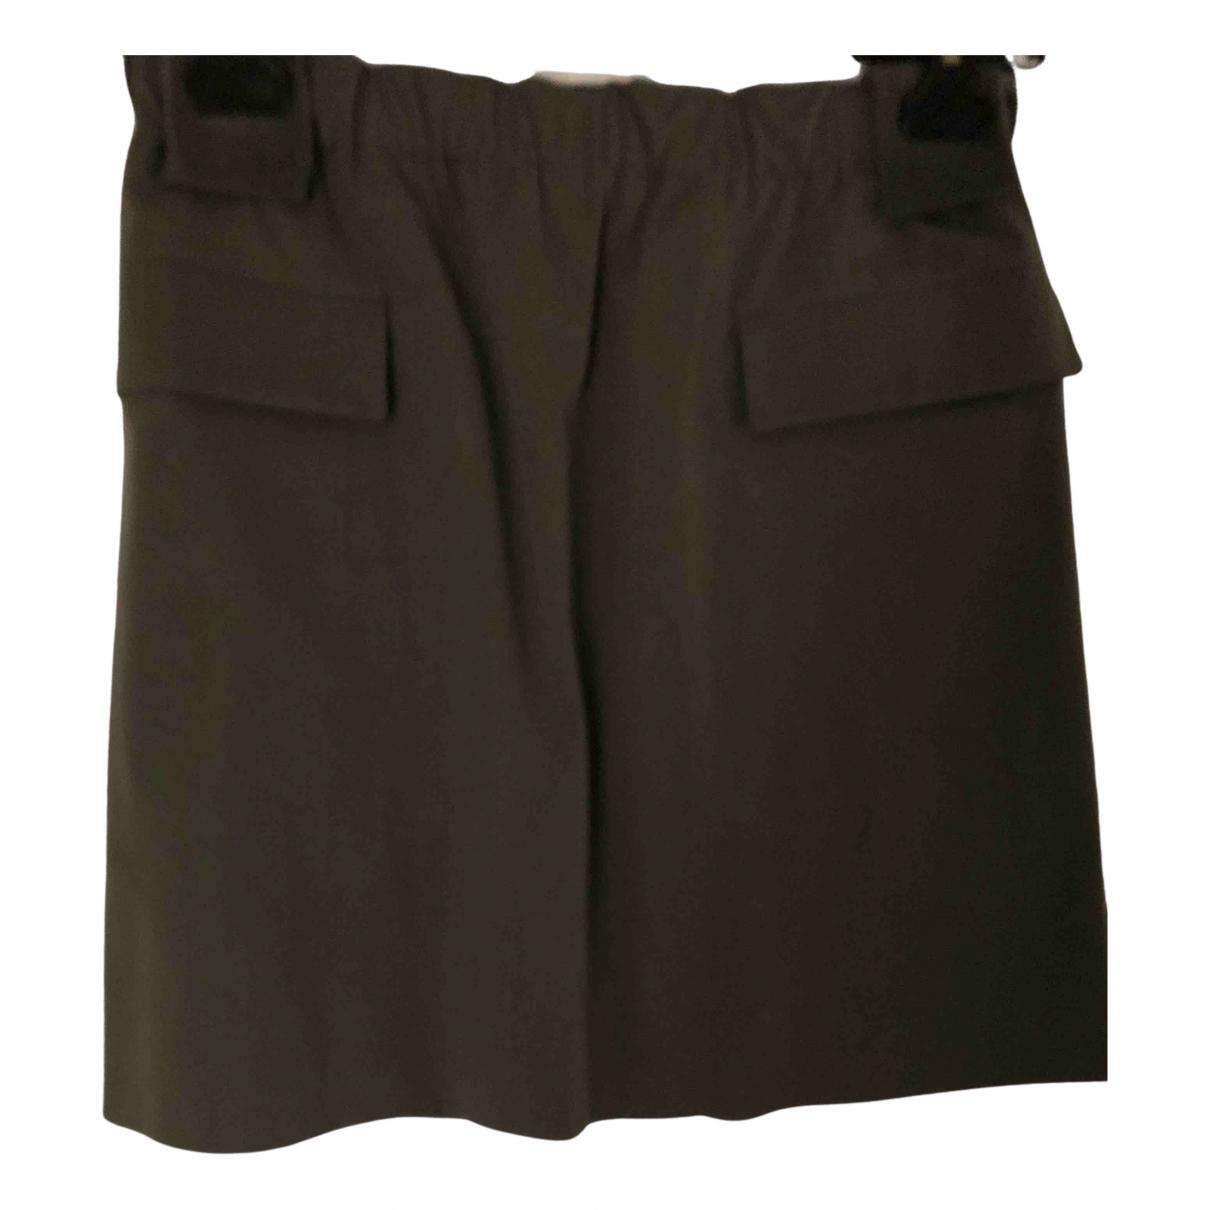 Marni N Khaki Cotton skirt for Women 10 UK